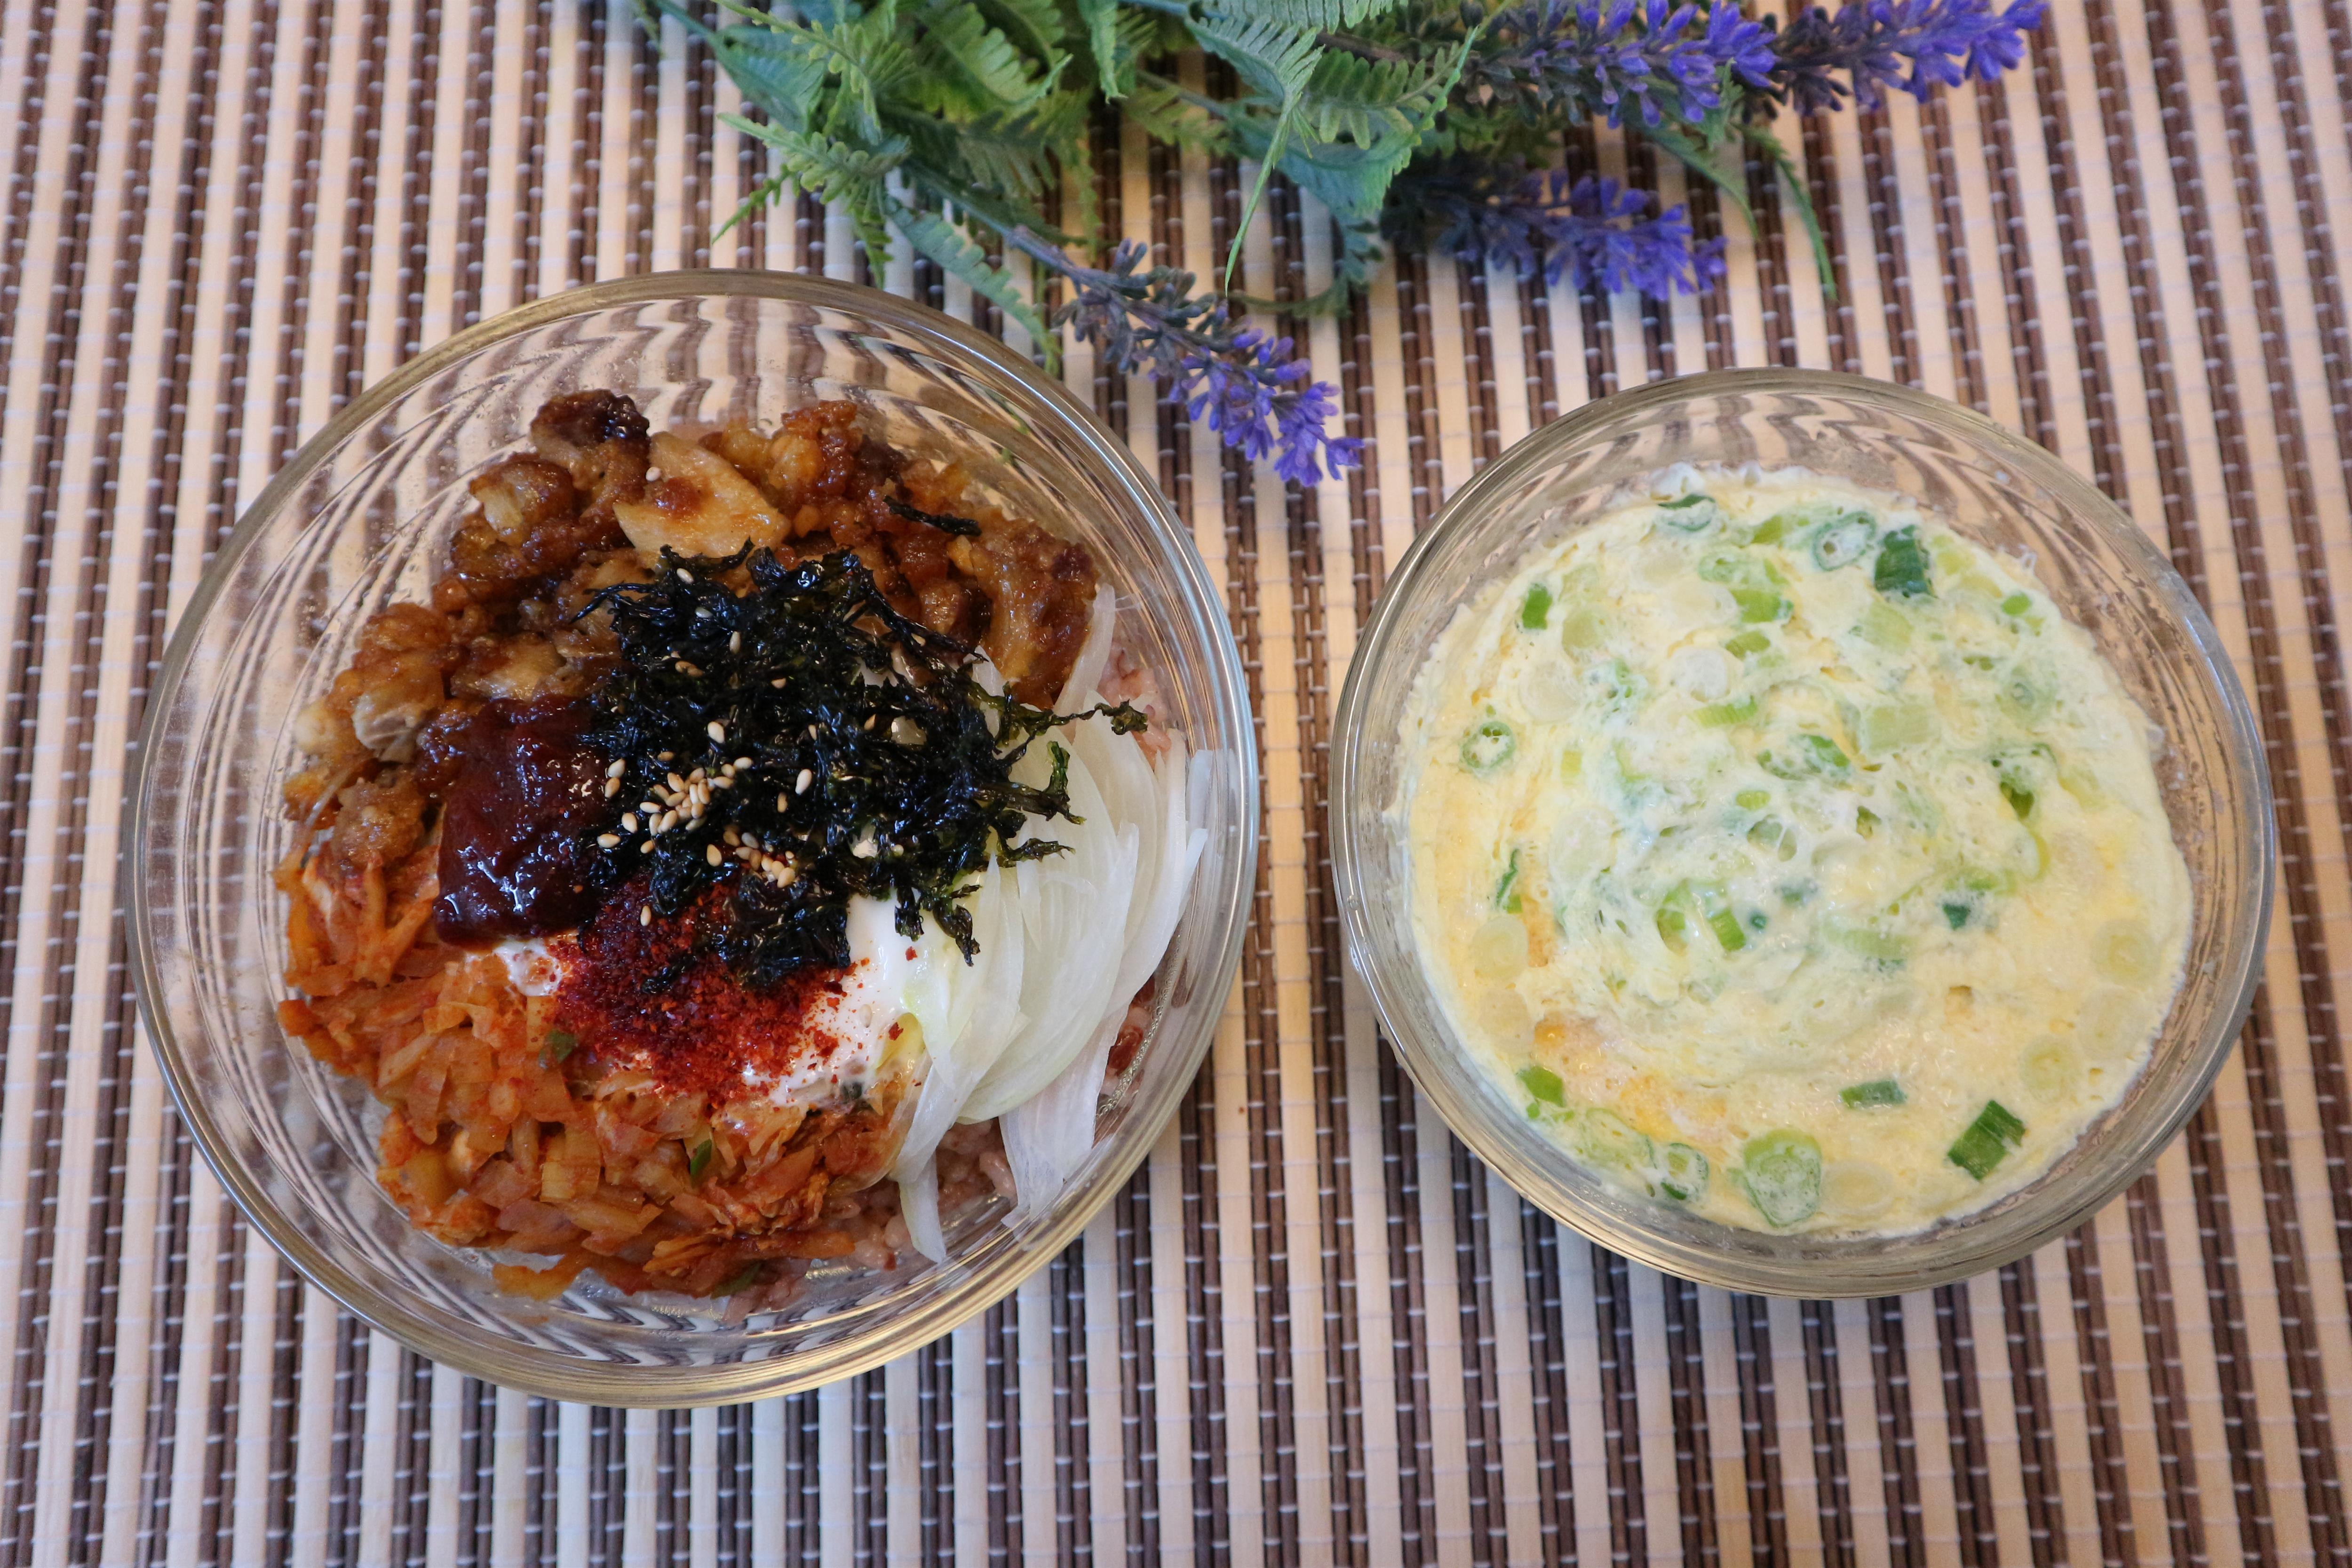 락앤락 간편식 글라스로 뚝딱 만드는 양념치킨덮밥과 명란계란찜